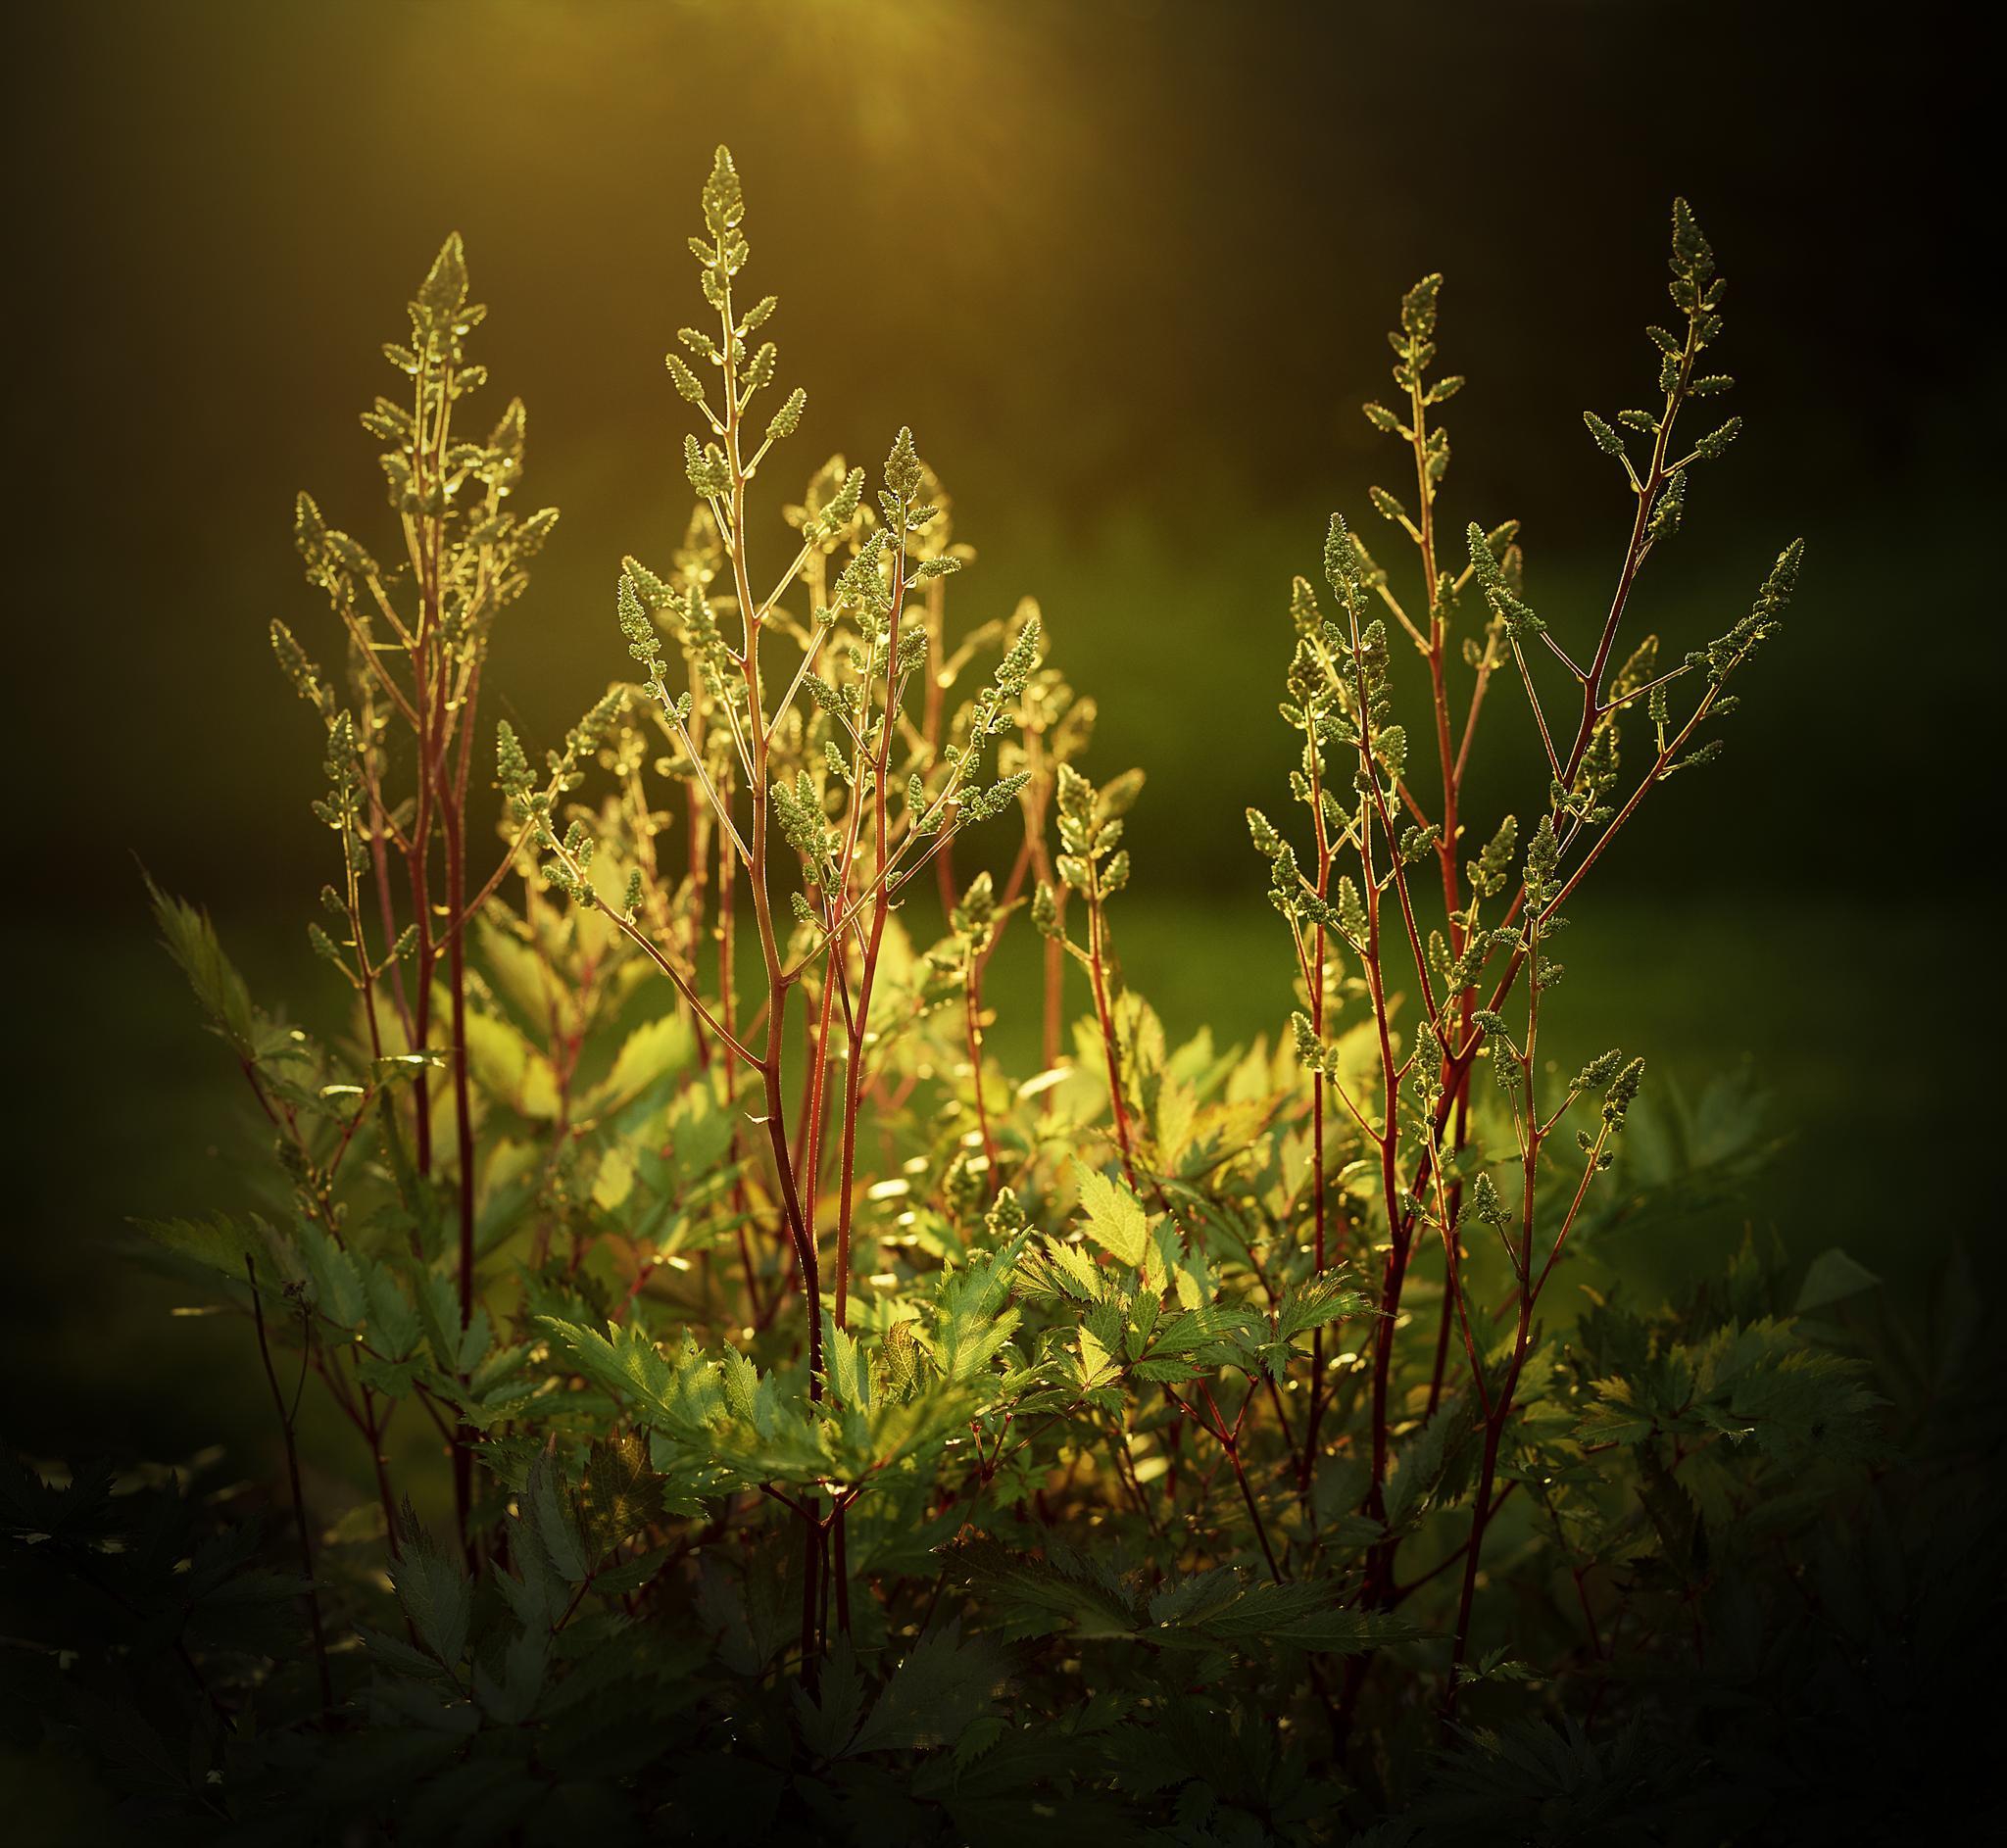 Evening light, Astilbe by Christina Edursdotter